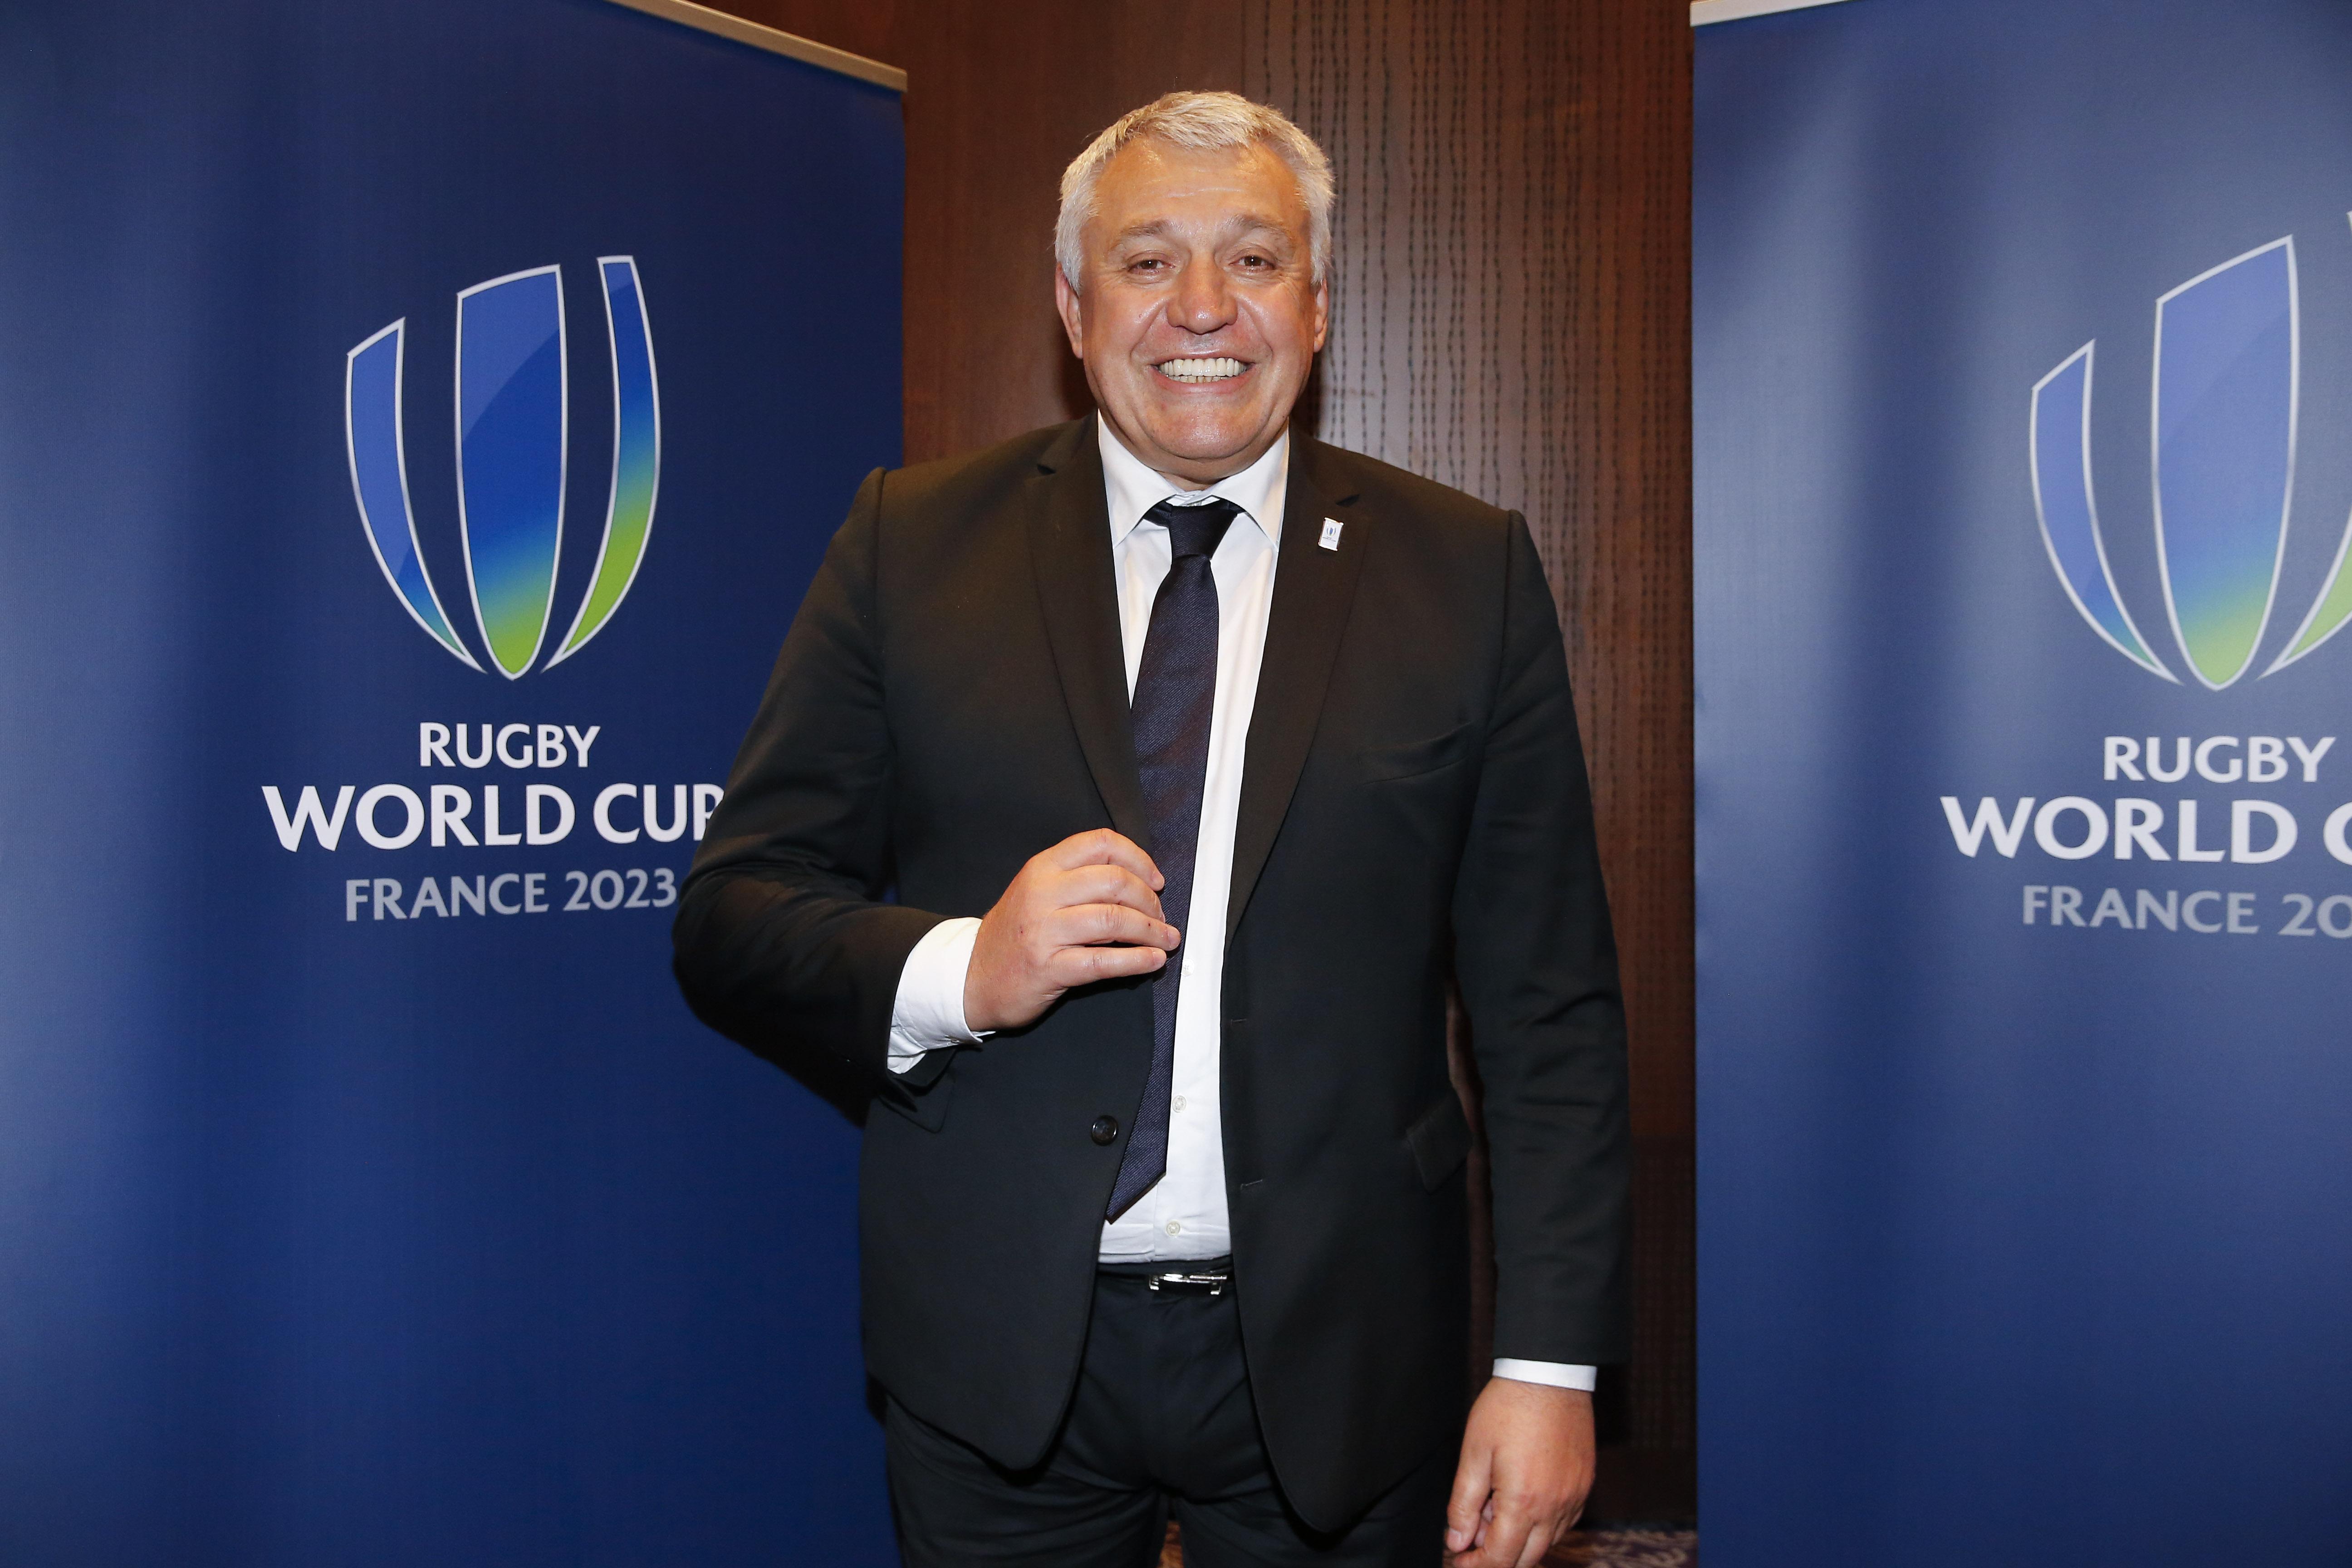 Rugby - Coupe du monde 2023 -  France 2023 : les demi-finales auront lieu au Stade de France